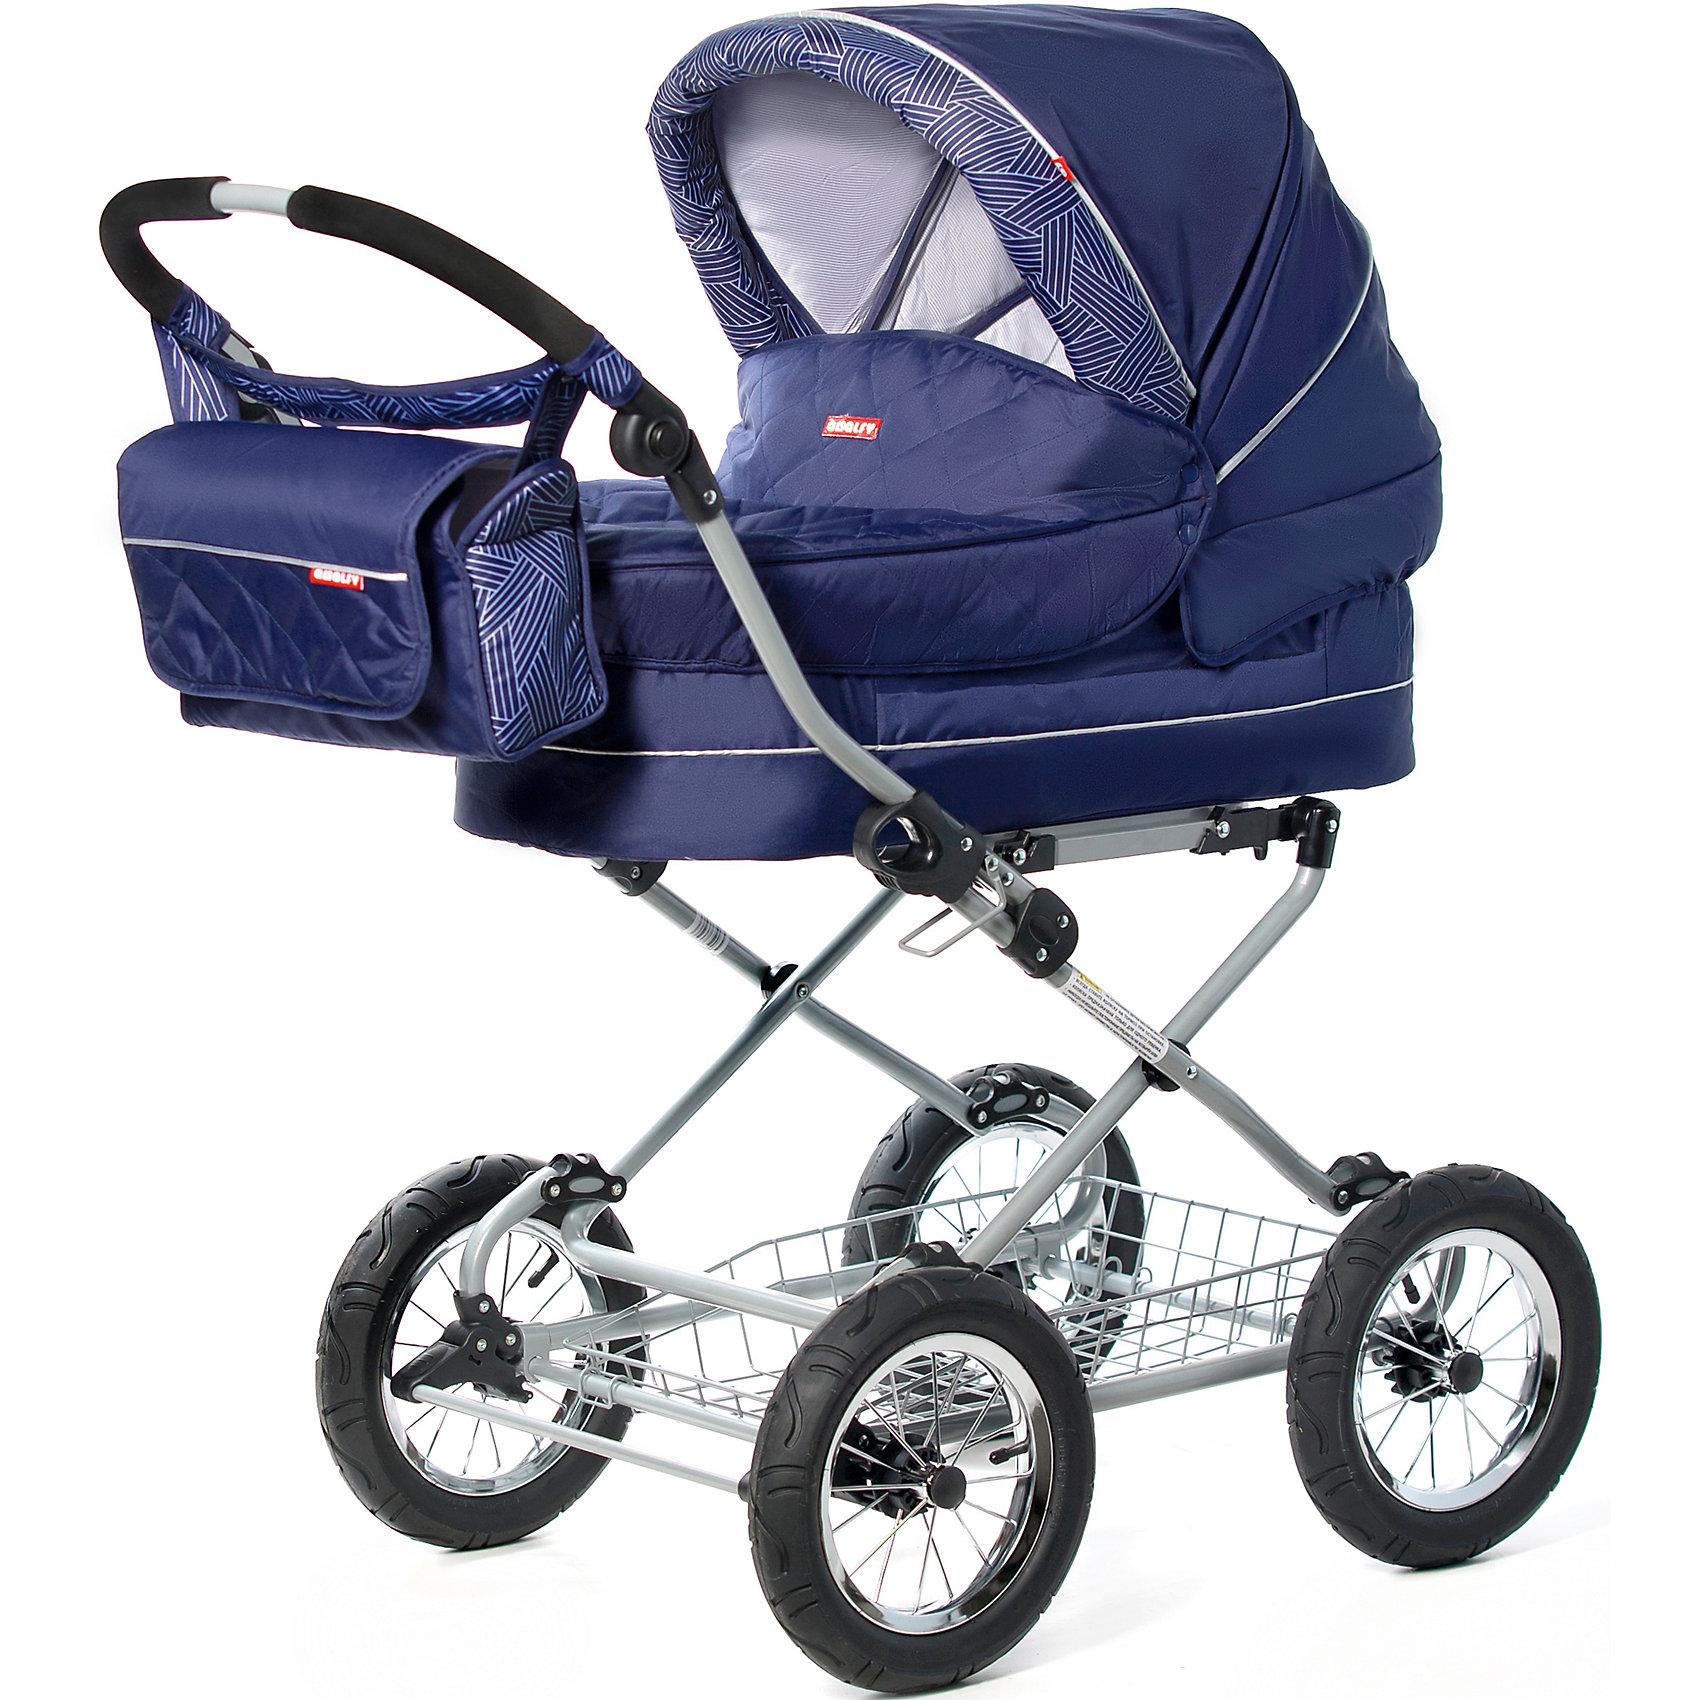 Коляска-люлька GB-6628, Amalfy, синийКоляска-люлька GB-6628, Amalfy обладает всеми преимуществами классической детской коляски: просторная люлька, мягкие боковины, надувные колеса и, конечно же, стильный внешний вид. <br>Коляска легко и быстро складывается одной рукой по типу «книжка». В сложенном состоянии коляска компактна, занимает мало места, удобна для транспортировки и хранения. Имеется специальный фиксатор, предотвращающий случайное раскладывание.<br><br>Дополнительная информация:<br><br>Ручка регулируется по высоте<br>Надувные колеса  <br>Отличная амортизация<br>Вместительная корзина для покупок<br>Удобная сумка для мамы<br>Водонепроницаемая ткань снаружи<br>В комплекте: сумка, чехол на ножки, дождевик, москитная сетка.<br> Тип складывания: книжка.<br>Возраст: от 0 до 6 месяцев<br>Максимальный вес ребенка: 13 кг<br>Максимальная нагрузка на корзину: 5 кг<br>Размеры в разложенном виде ДхШхВ: 101,5х57х11,43   см<br>Размеры в сложенном виде ДхШхВ:82,5х 57,0х 57 см<br>Размеры люльки ДхШхГ: 820х380х220  см<br>Диаметр колес: 30 см<br>Вес коляски: 15,2 кг<br><br><br>Коляску-люльку GB-6628, Amalfy, синего цвета можно купить в нашем магазине.<br><br>Ширина мм: 240<br>Глубина мм: 520<br>Высота мм: 870<br>Вес г: 17000<br>Цвет: синий<br>Возраст от месяцев: 0<br>Возраст до месяцев: 6<br>Пол: Унисекс<br>Возраст: Детский<br>SKU: 4715782